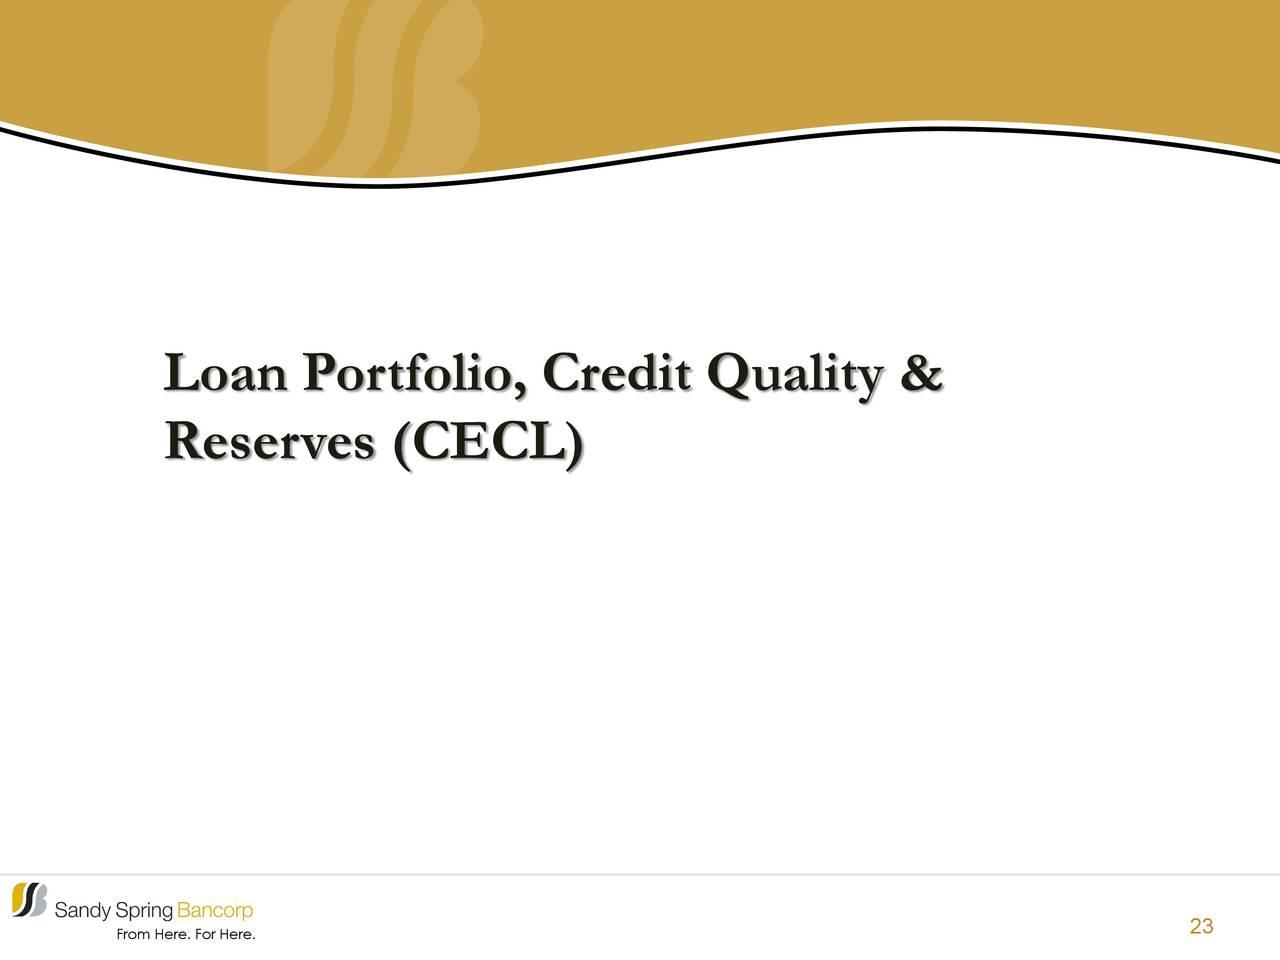 Cartera de préstamos, calidad crediticia y